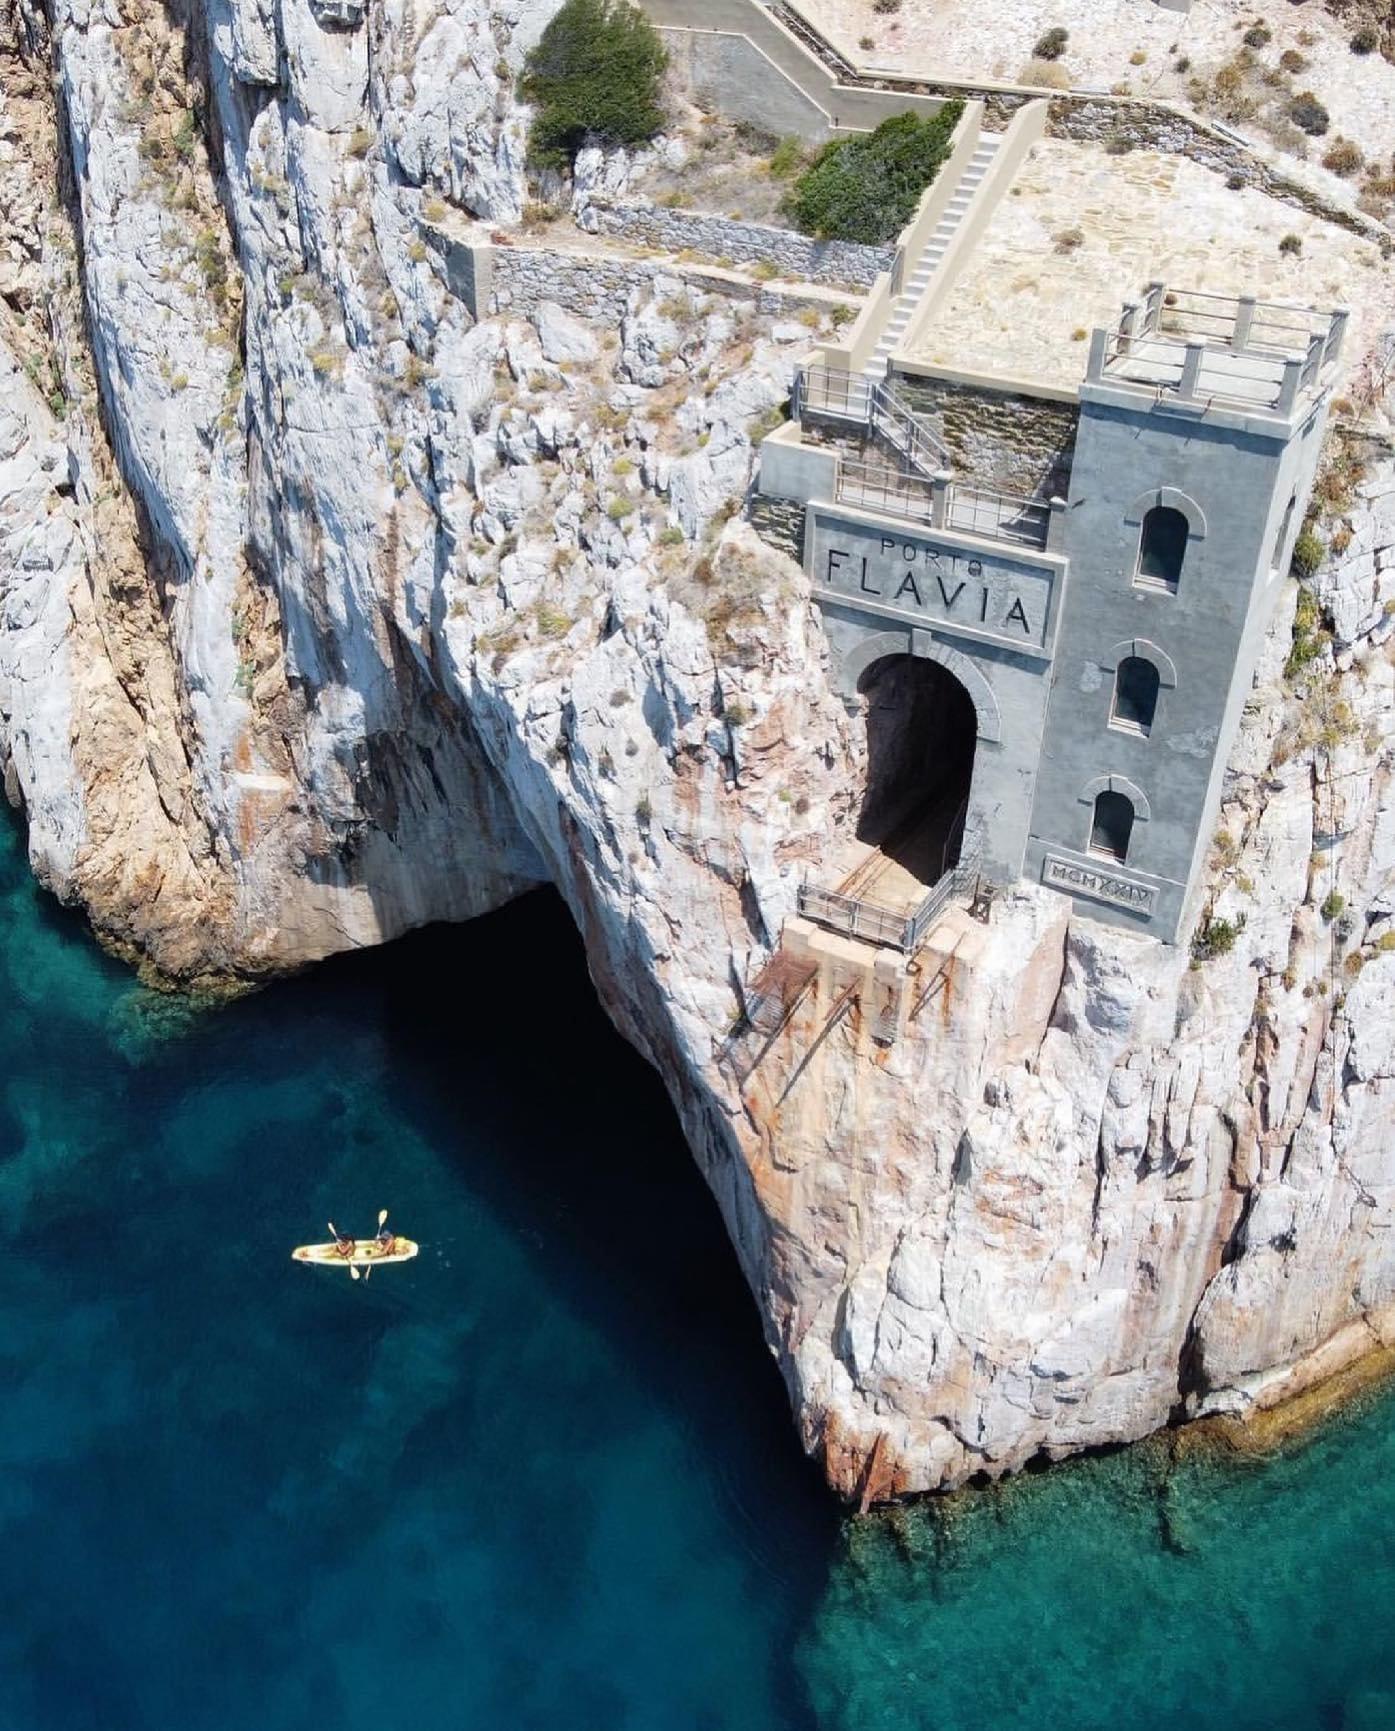 ميناء بورتو فلافيا المعلق في صدر الجبل كانت تشحن منه الموارد المستخرجة من مناجم جزيرة سردينيا، إيطاليا 🇮🇹 .